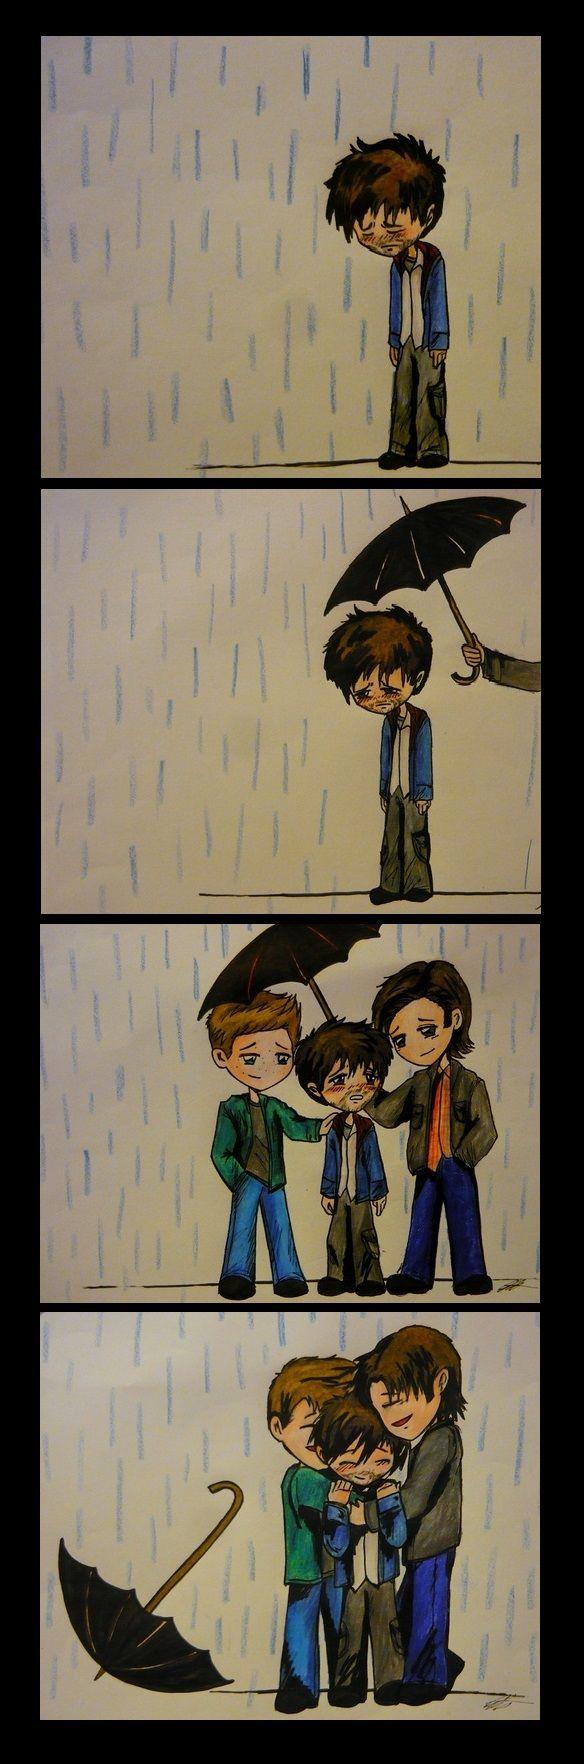 Awesome Fanart - Supernatural - Sam - Dean - Castiel